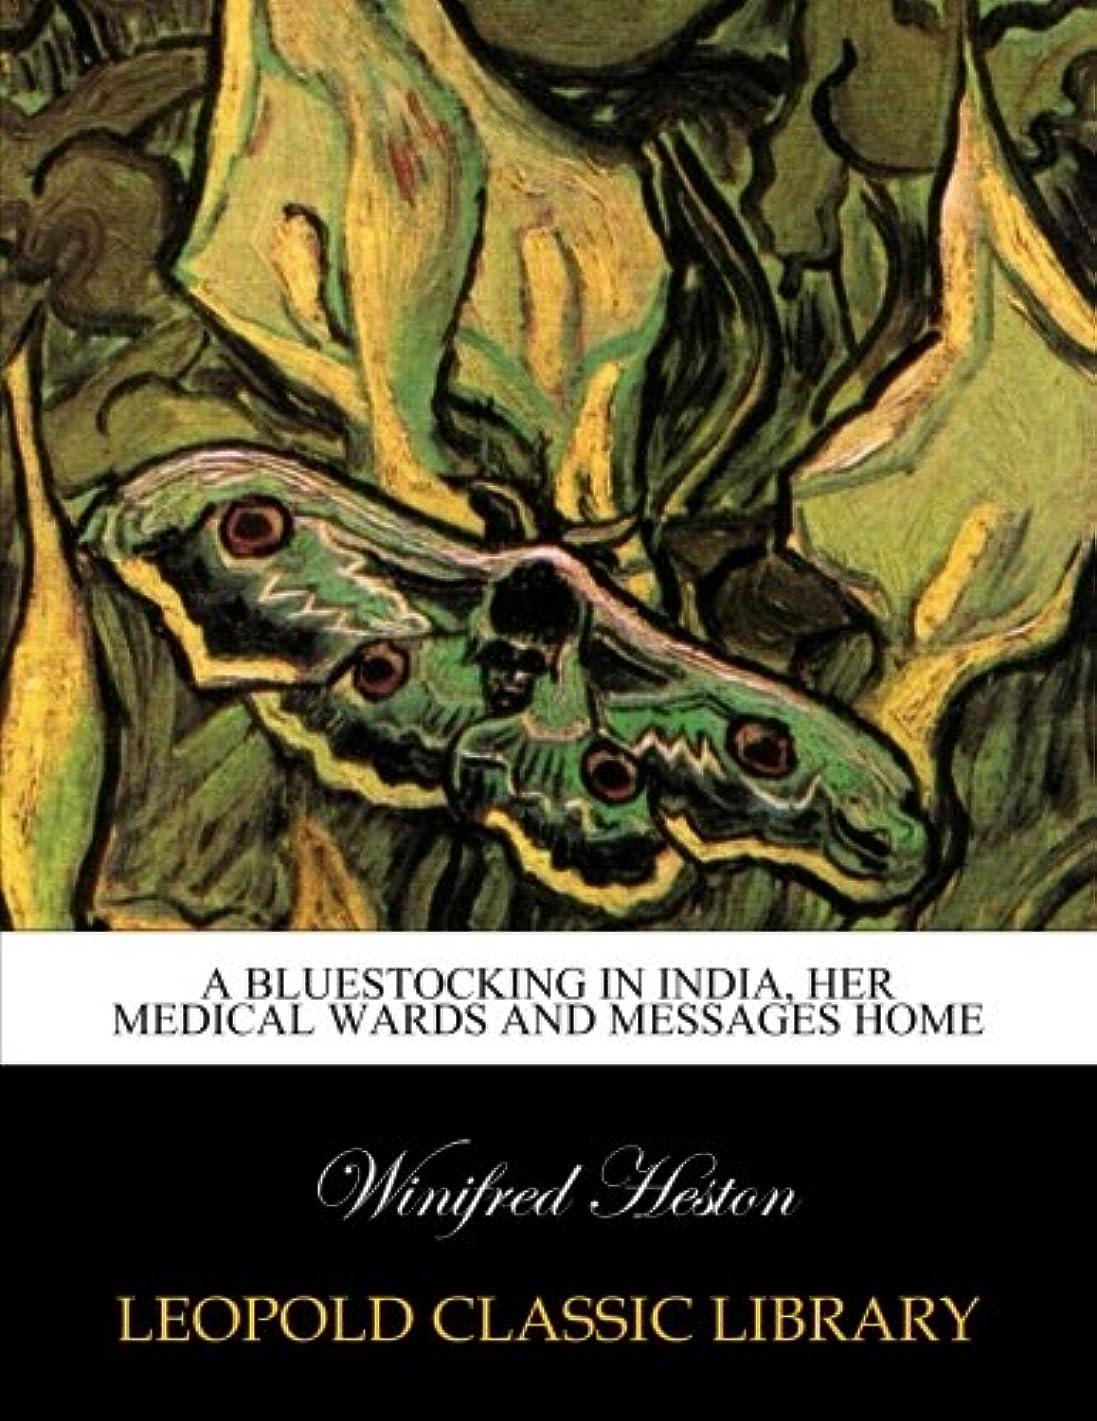 より平らな純粋に反応するA bluestocking in India, her medical wards and messages home